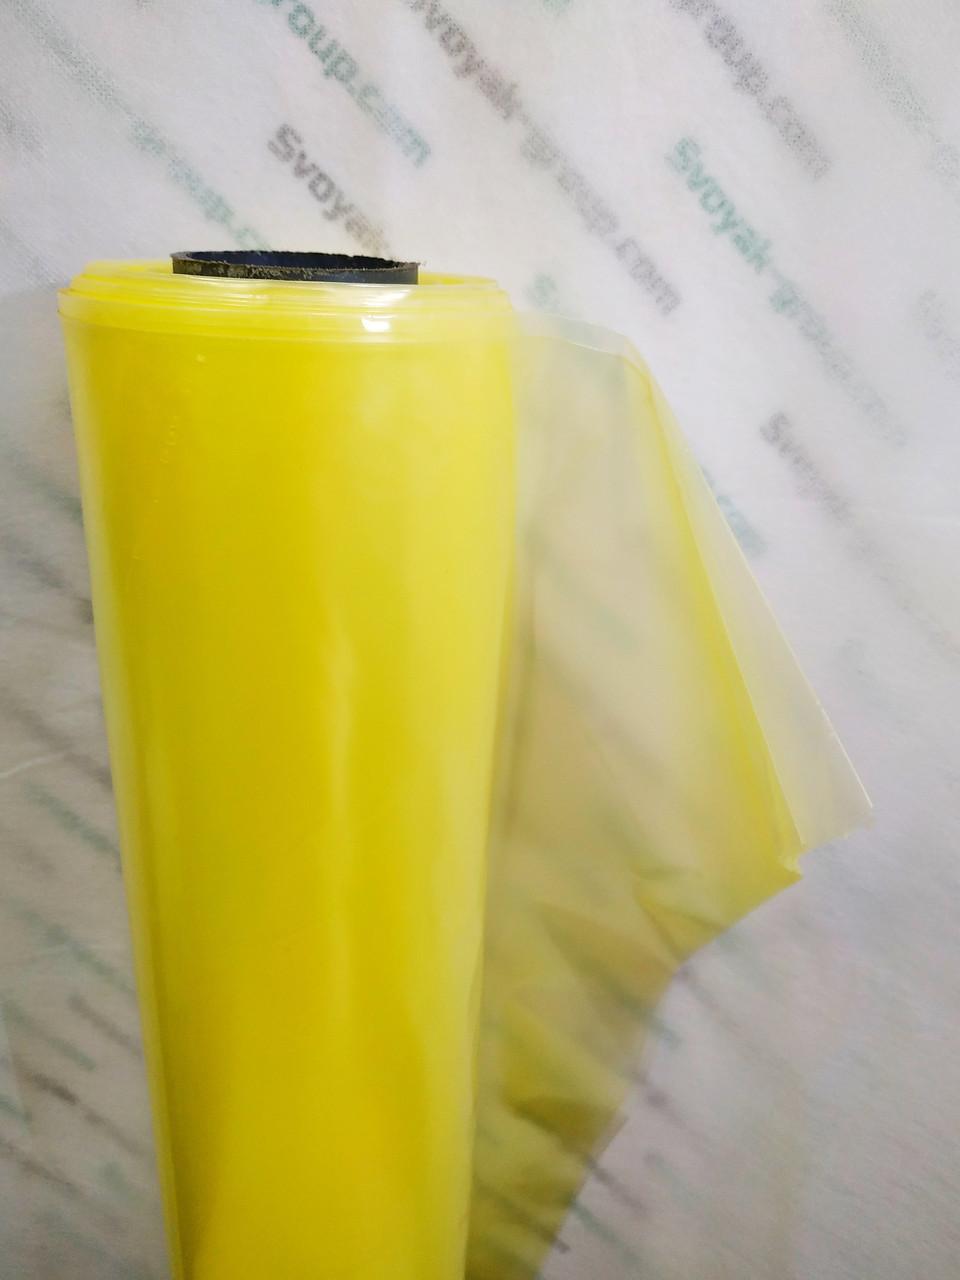 Пленка тепличная 90 мкм плотность \ Рулон 6м*50м(300 м2)\ 12мес. Стабилизация (2% UV). Харьков